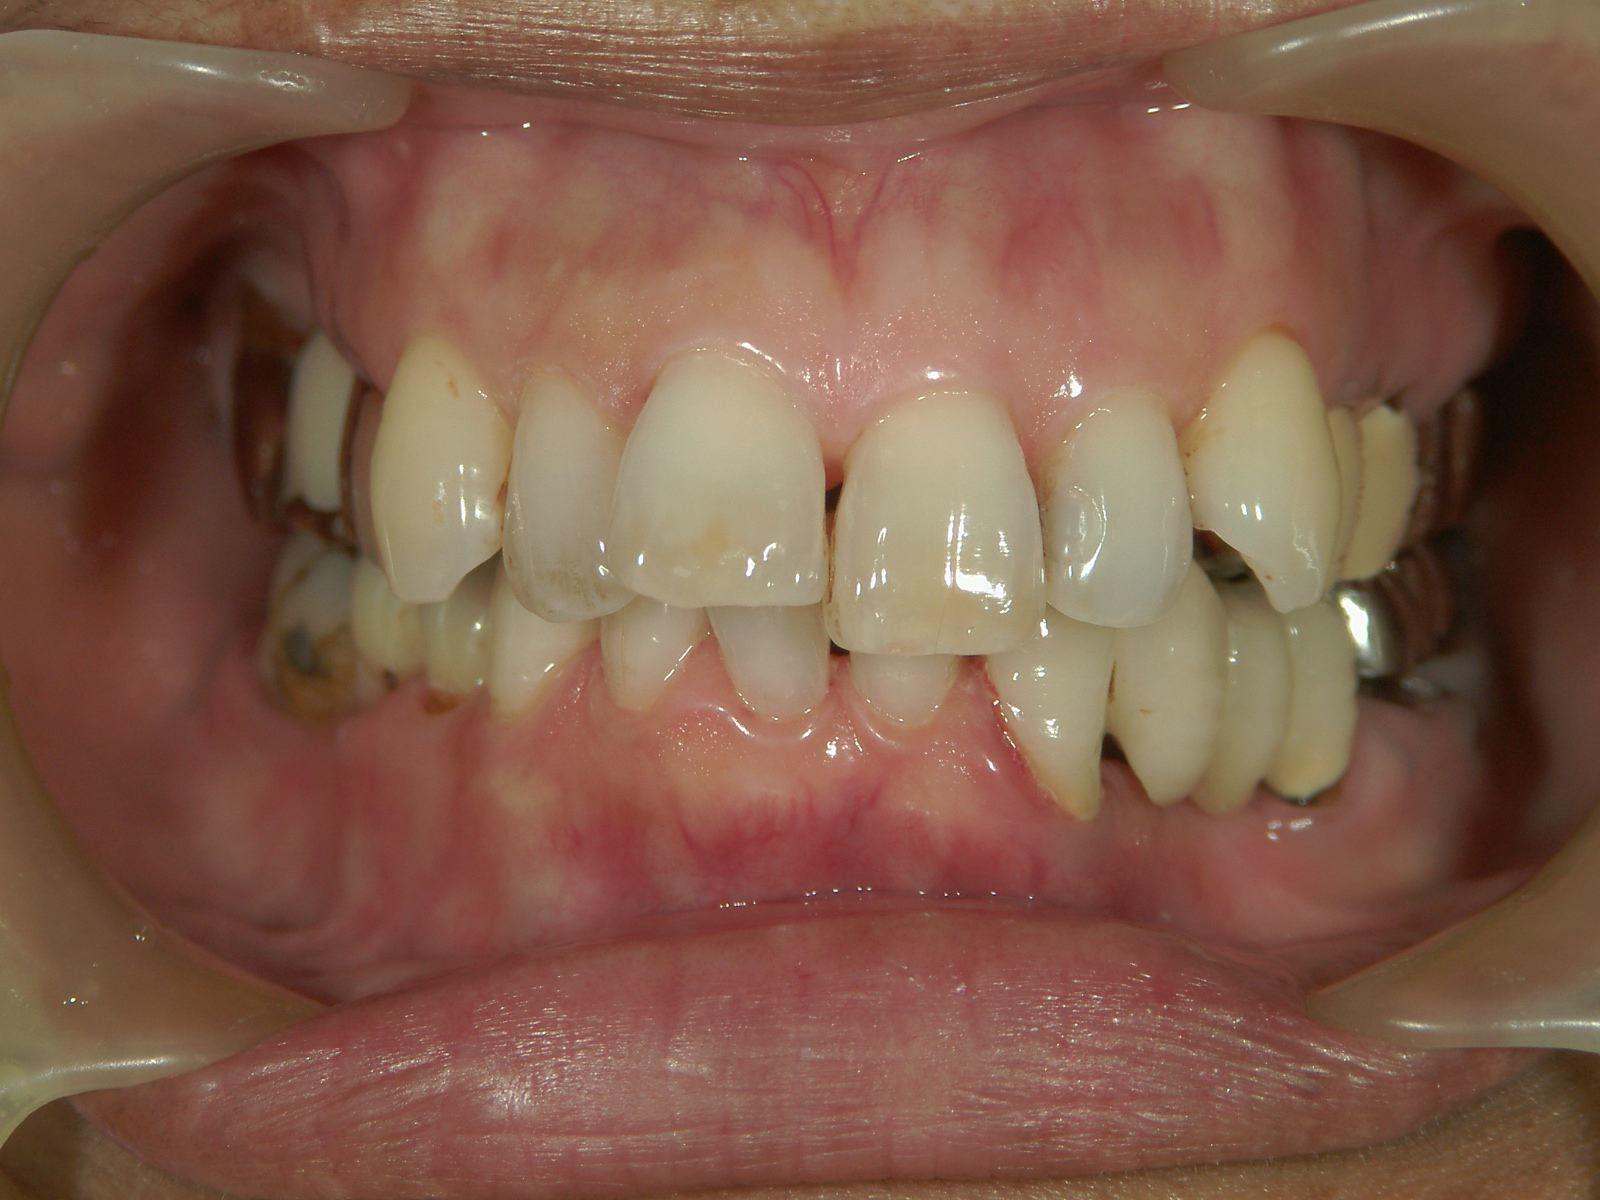 22年間変わらない!年を取ったら歯が悪くなる訳ではない、という事。予防歯科再考・2_b0119466_00032450.jpg